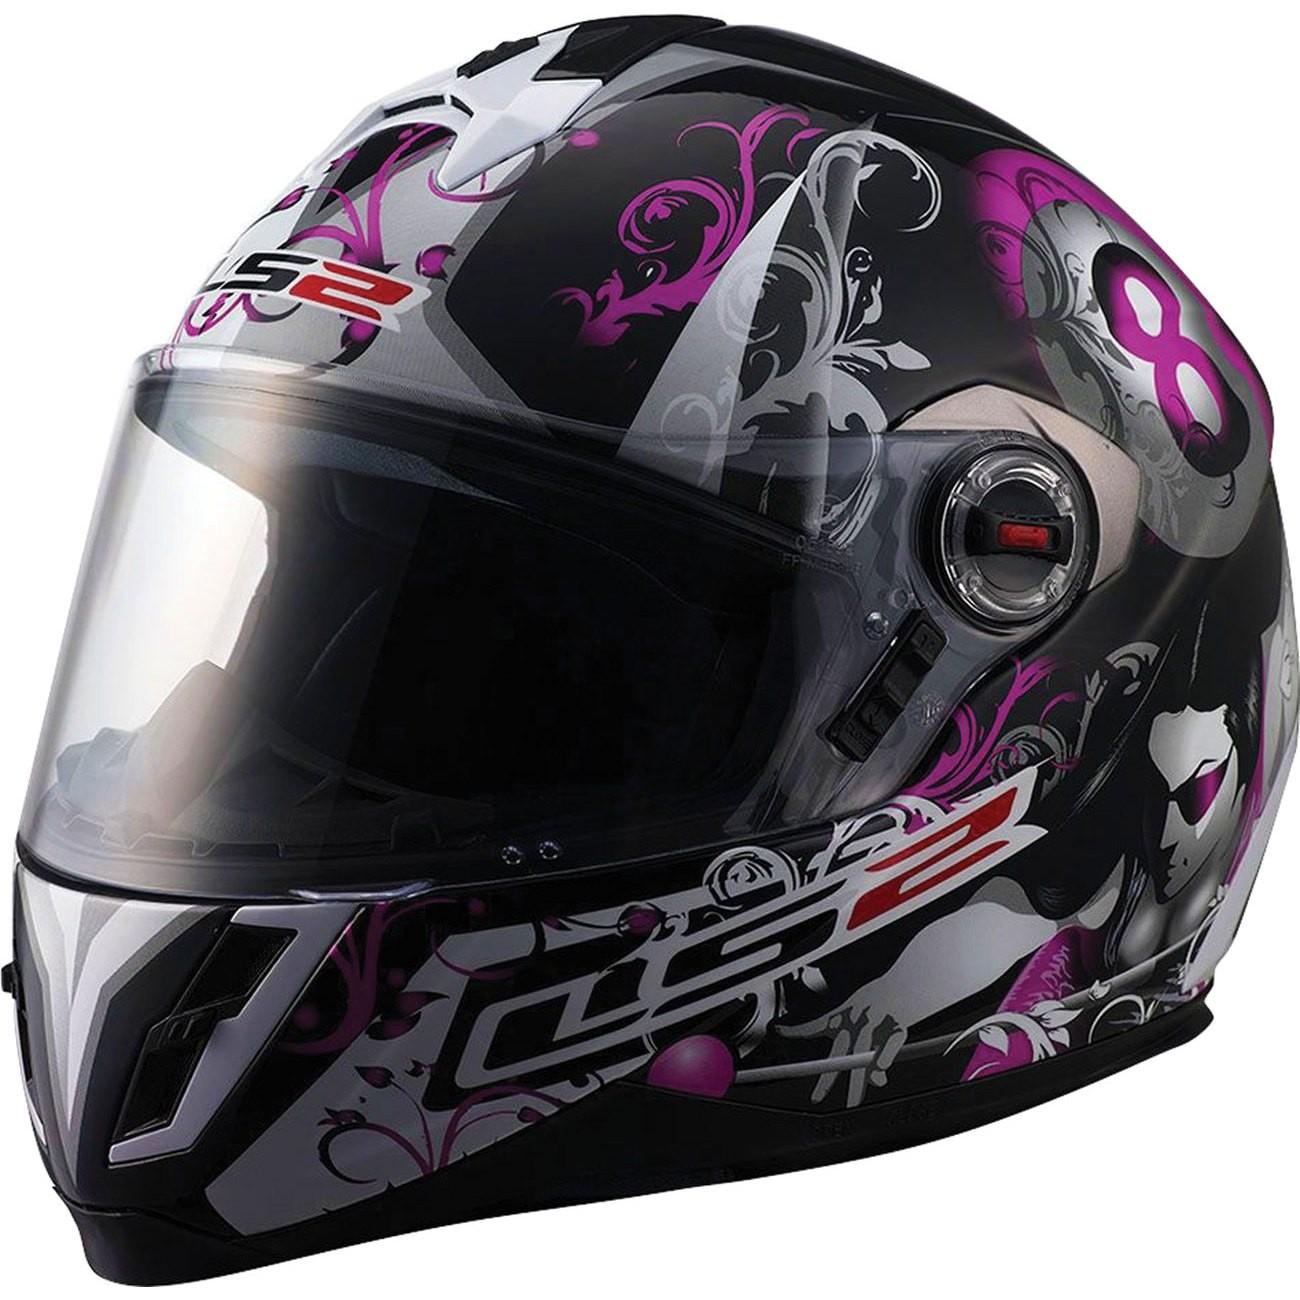 Casque moto 8 ball